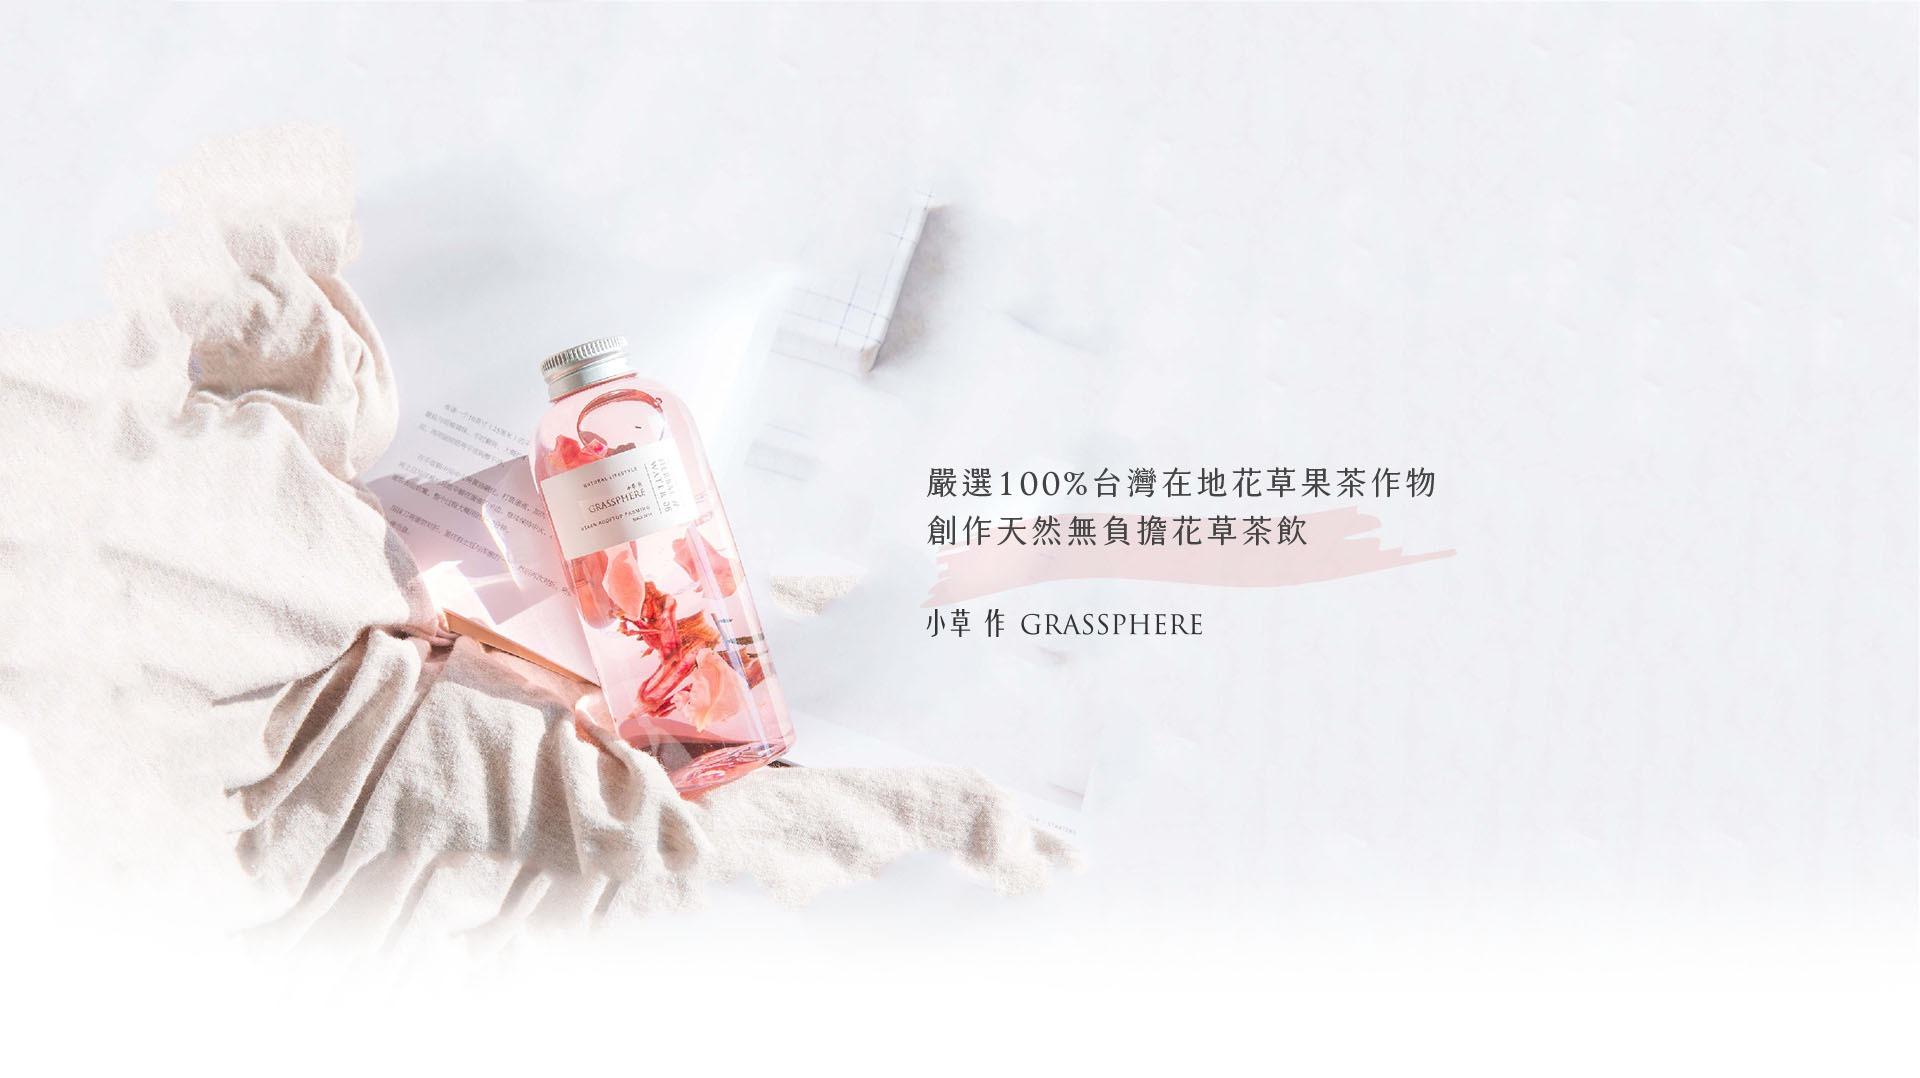 設計師品牌 - 小草 作 Grassphere